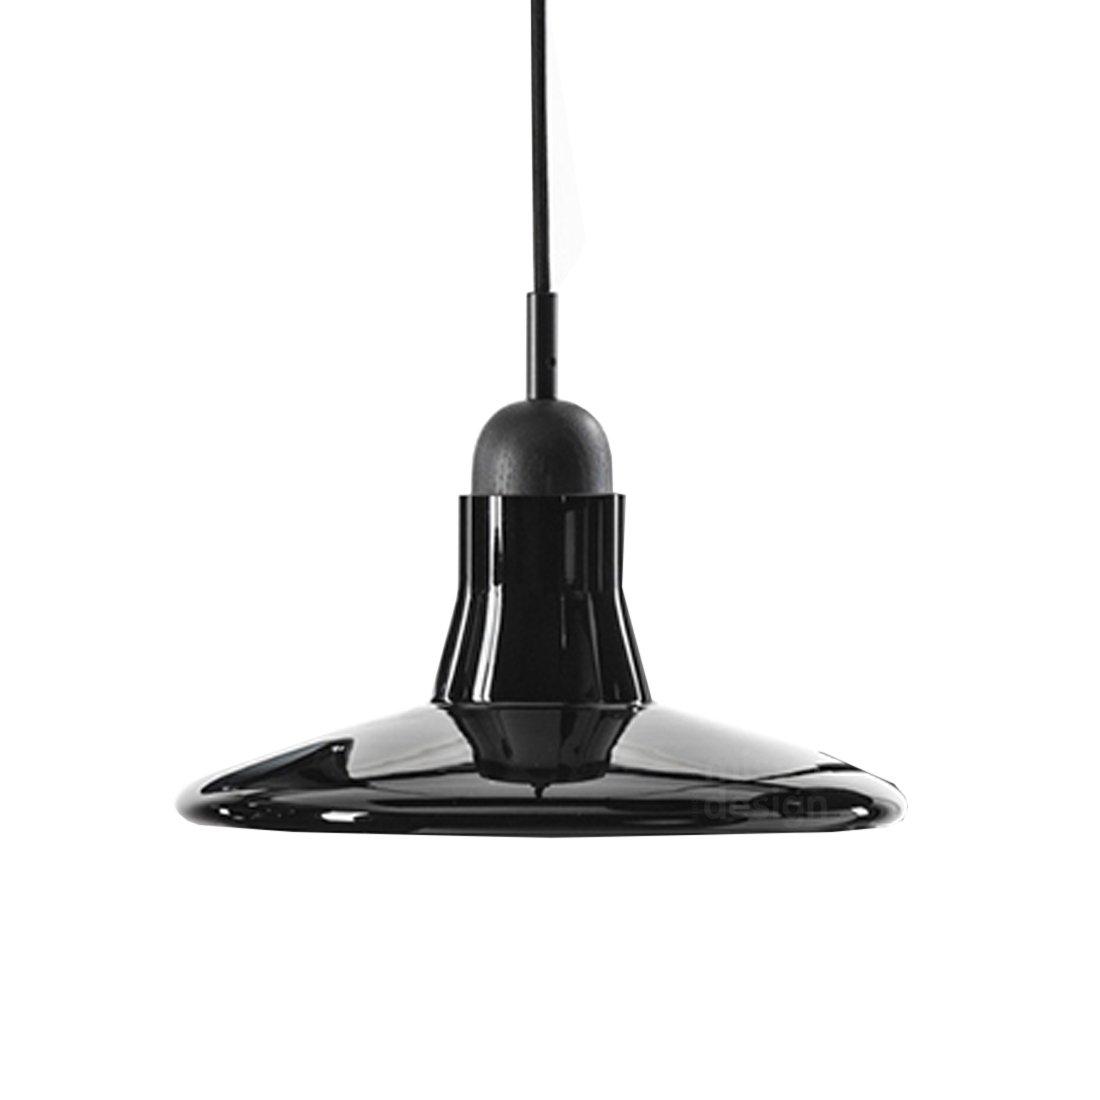 Brokis Shadow Flat Hanglamp - Zwart Eiken Glossy Opaal Zwart